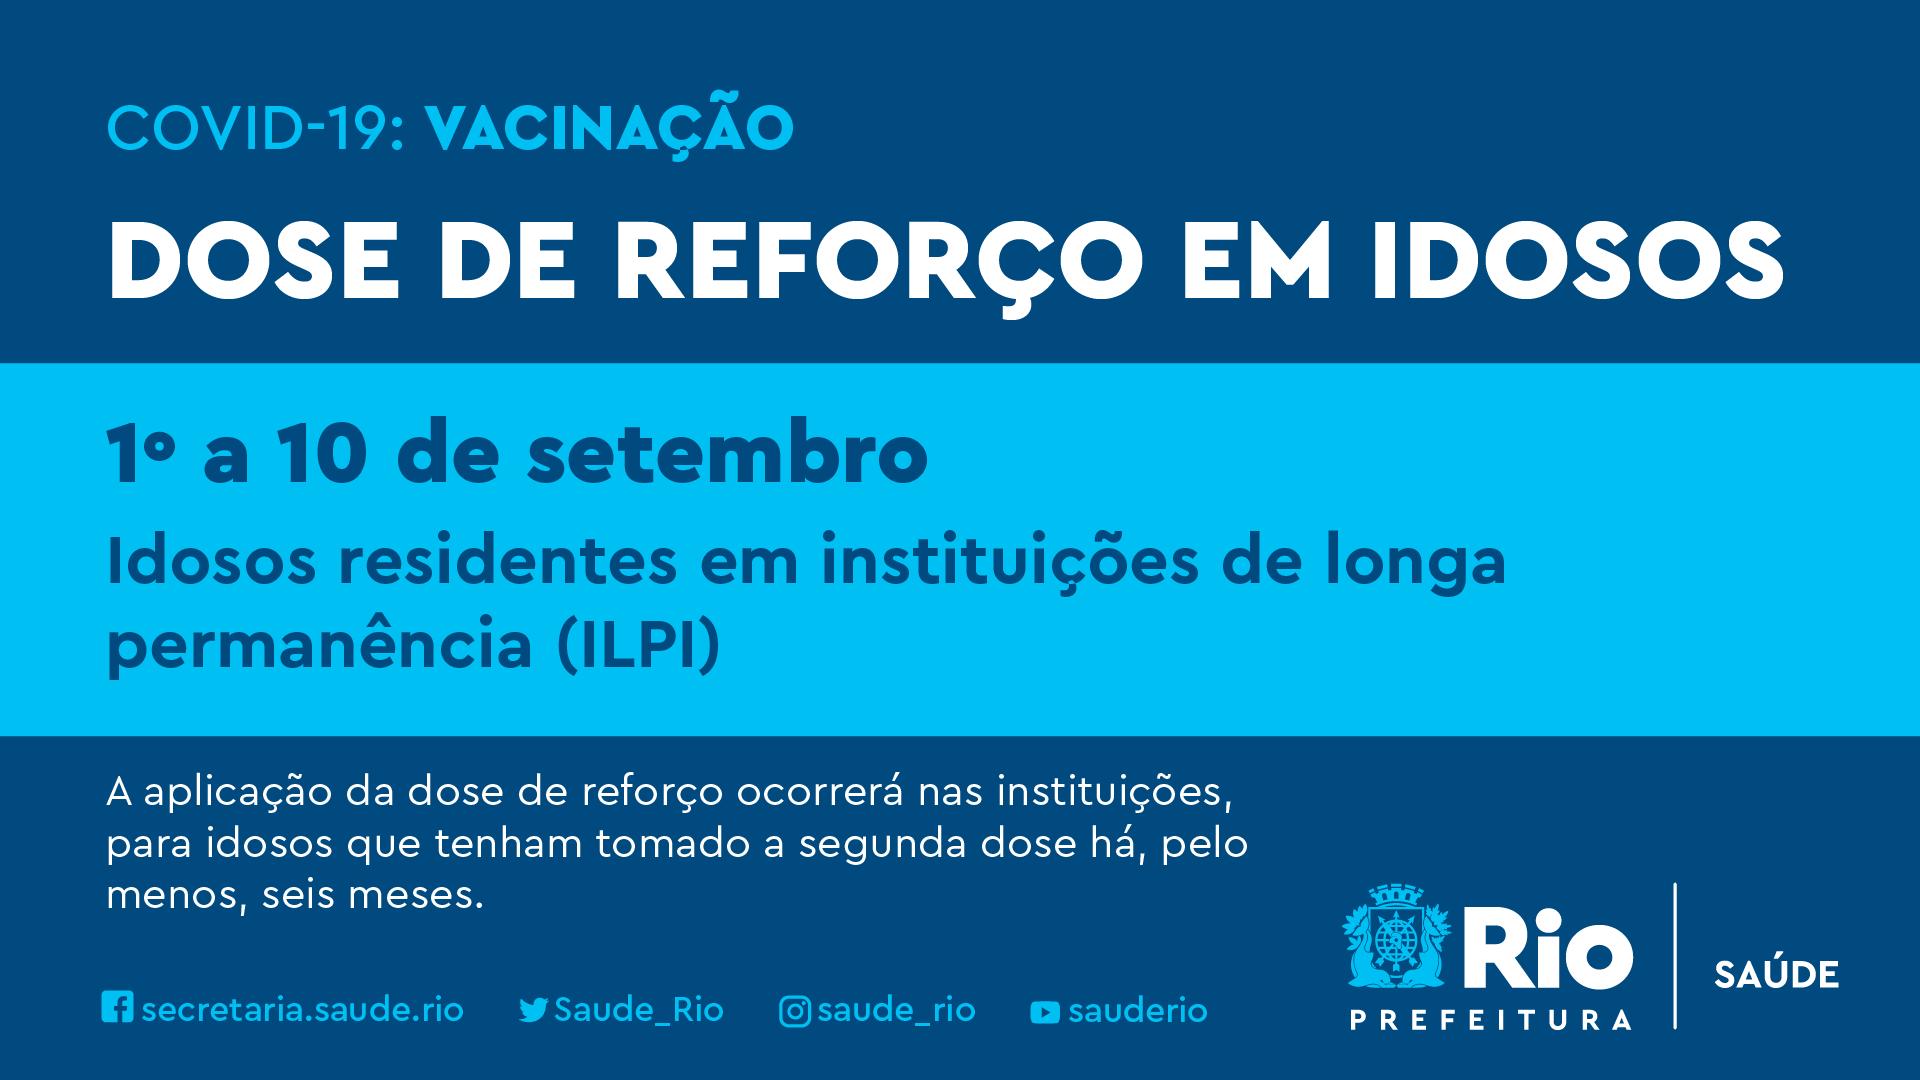 Anúncio da Prefeitura do Rio da terceira dose em idosos